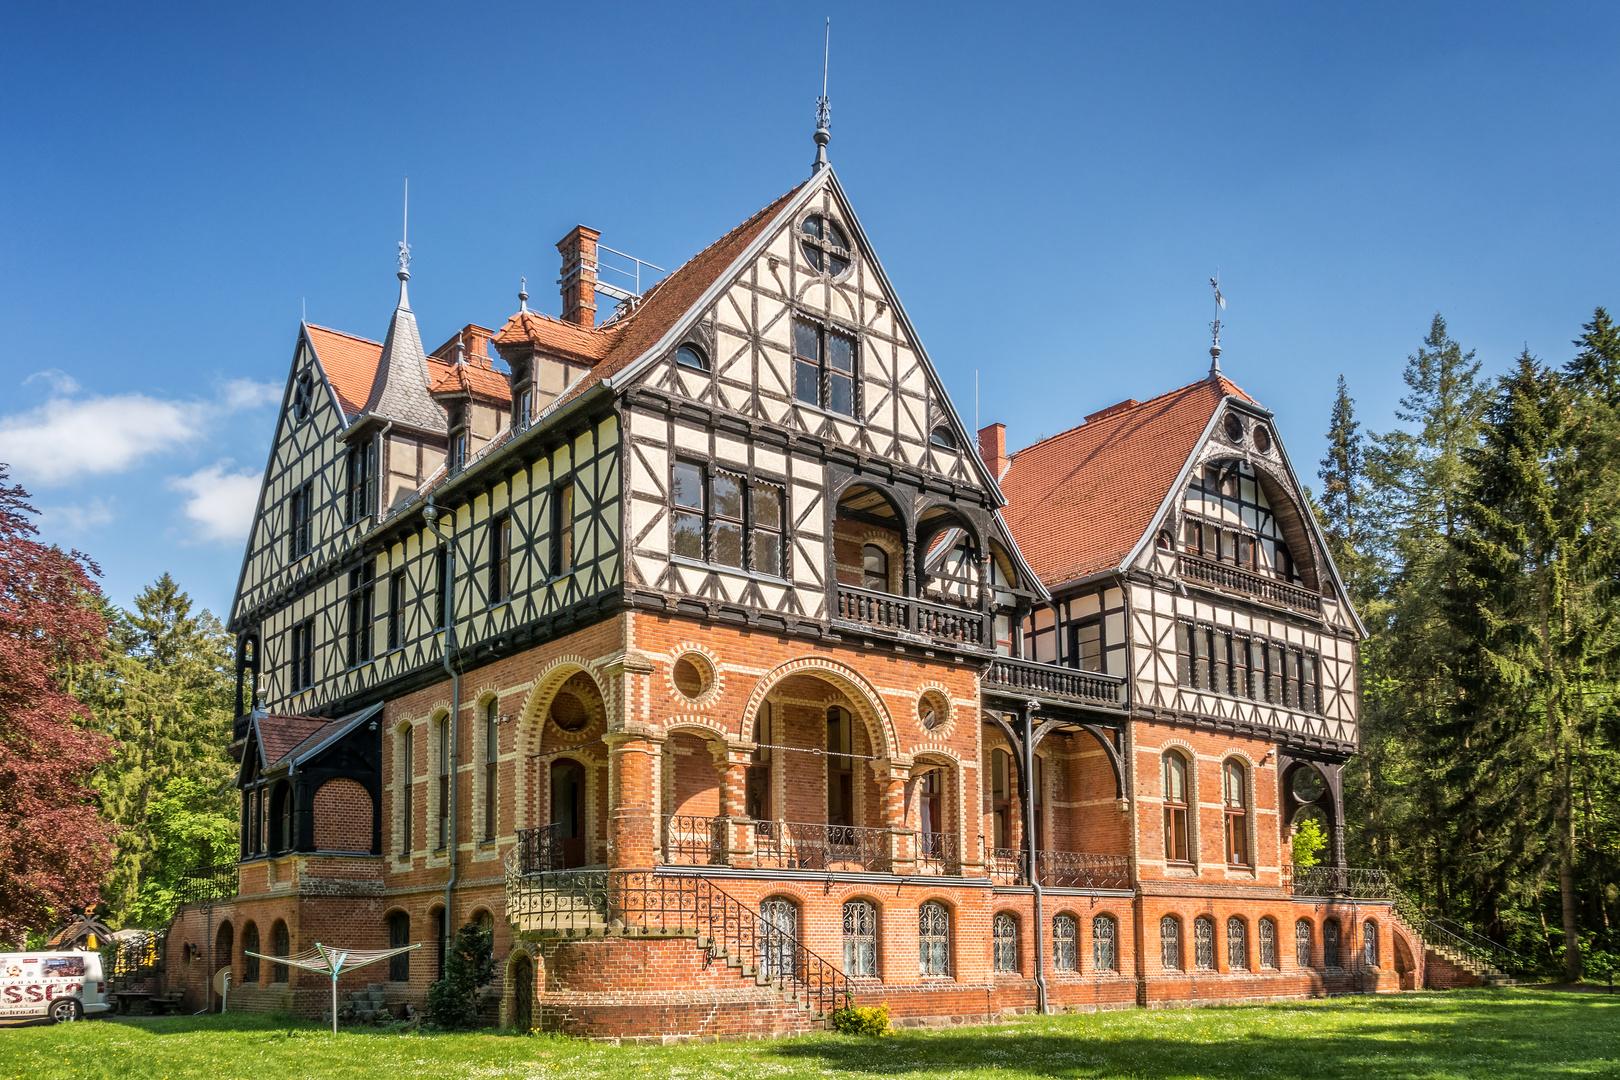 Jagdschloss Gelbensande